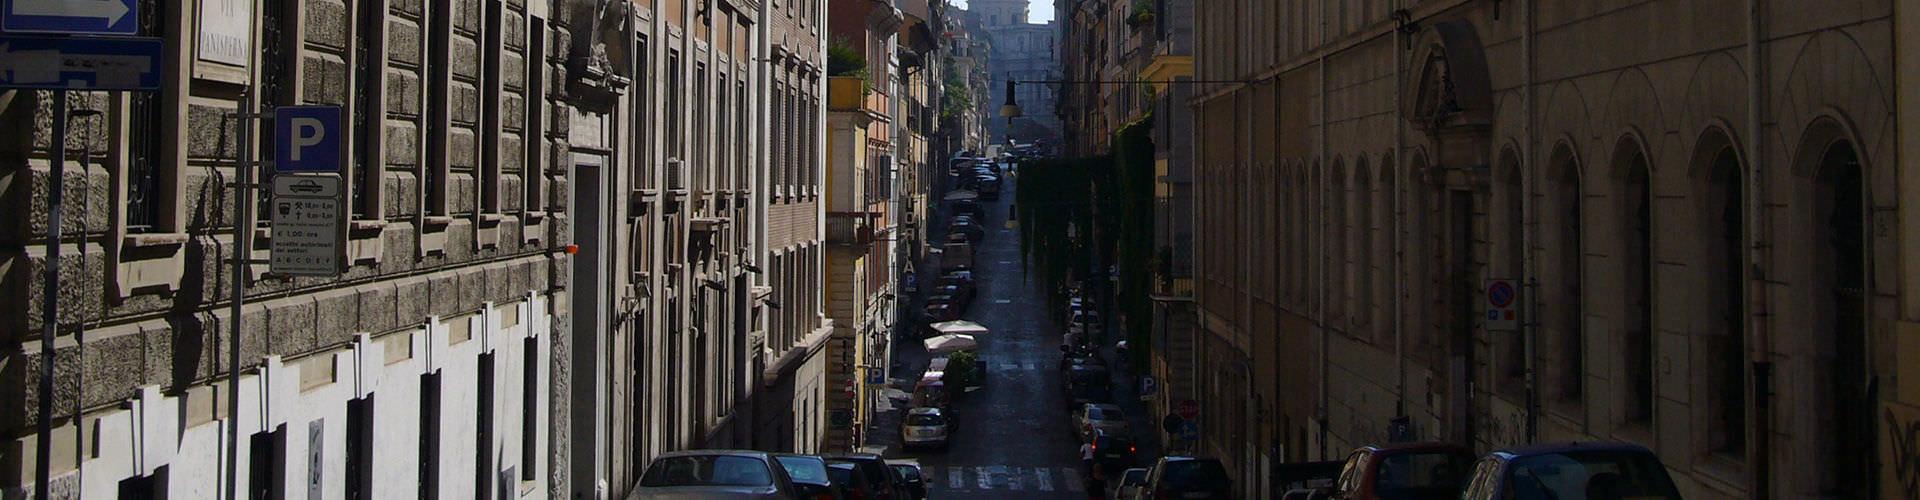 Roma - Albergues Juveniles en el distrito Monti . Mapas de Roma, Fotos y Comentarios para cada Albergue Juvenil en Roma.